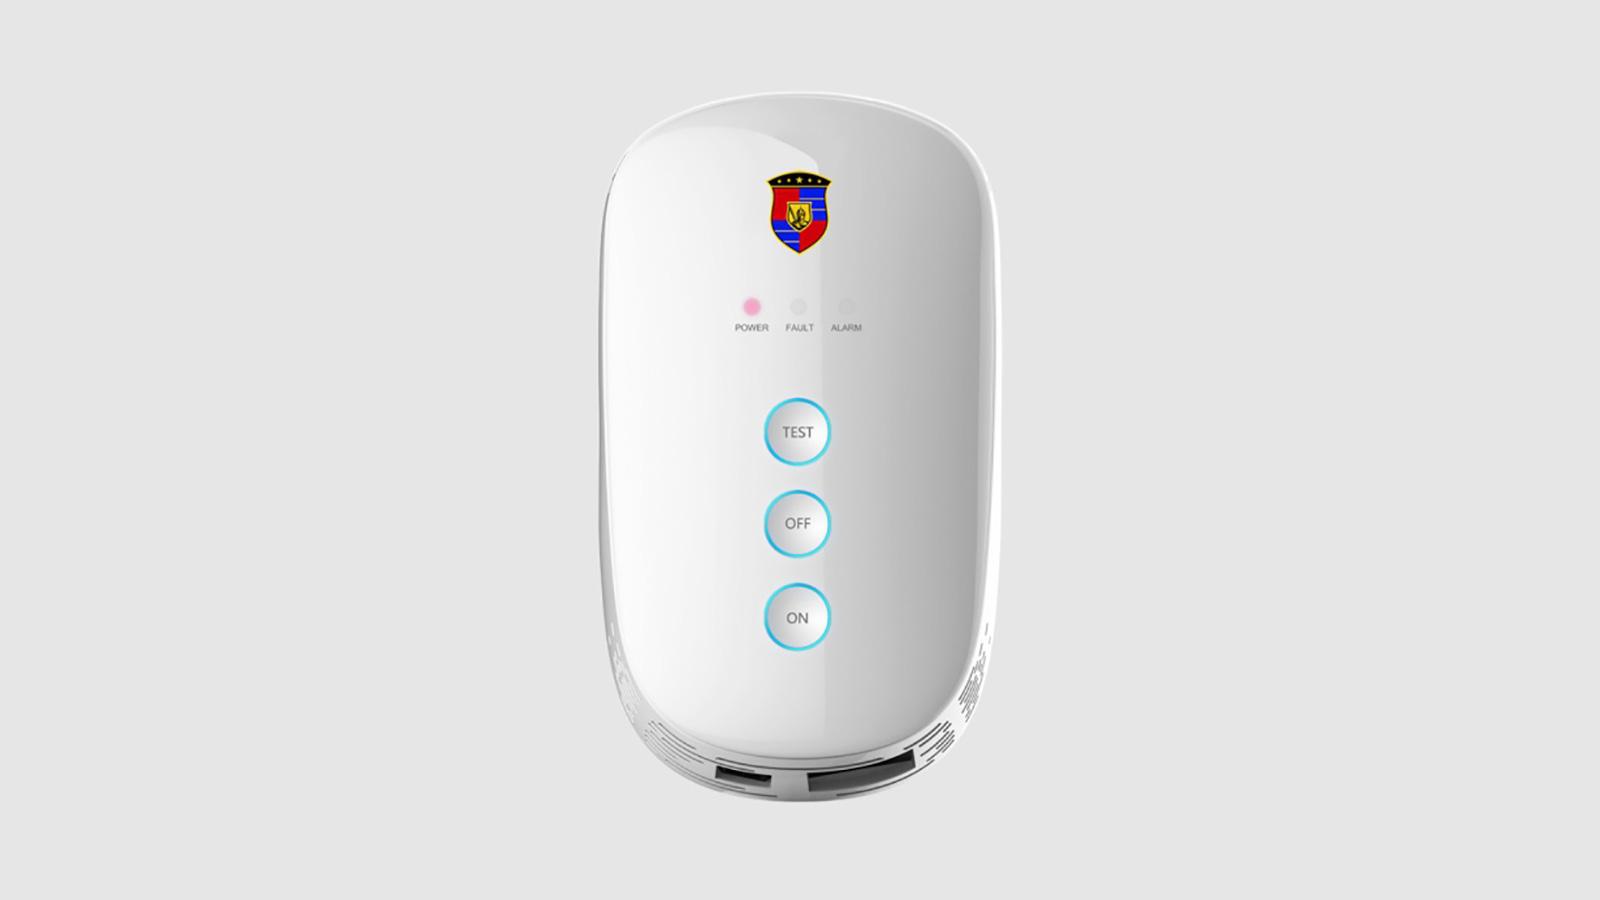 煤气报警器功能按键设计简便易懂,方便用户操作